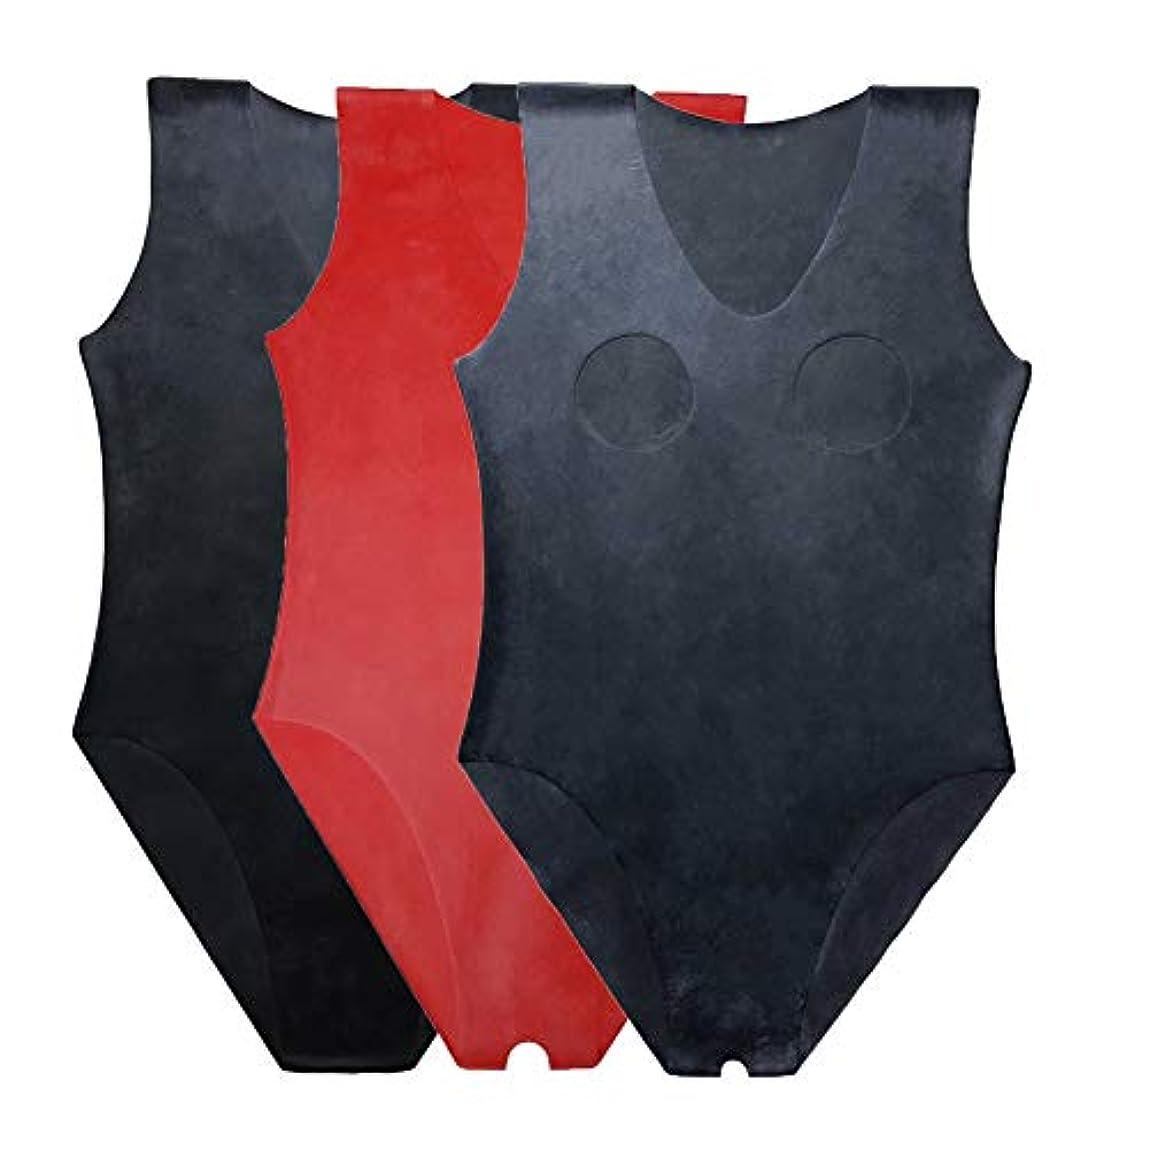 キャンプ落胆する柔らかい足EXLATEX ラテックス ボディスーツ 女性水着 ラテックス ラバー グミ レオタード ブラック カップレス ラテックス キャットスーツ